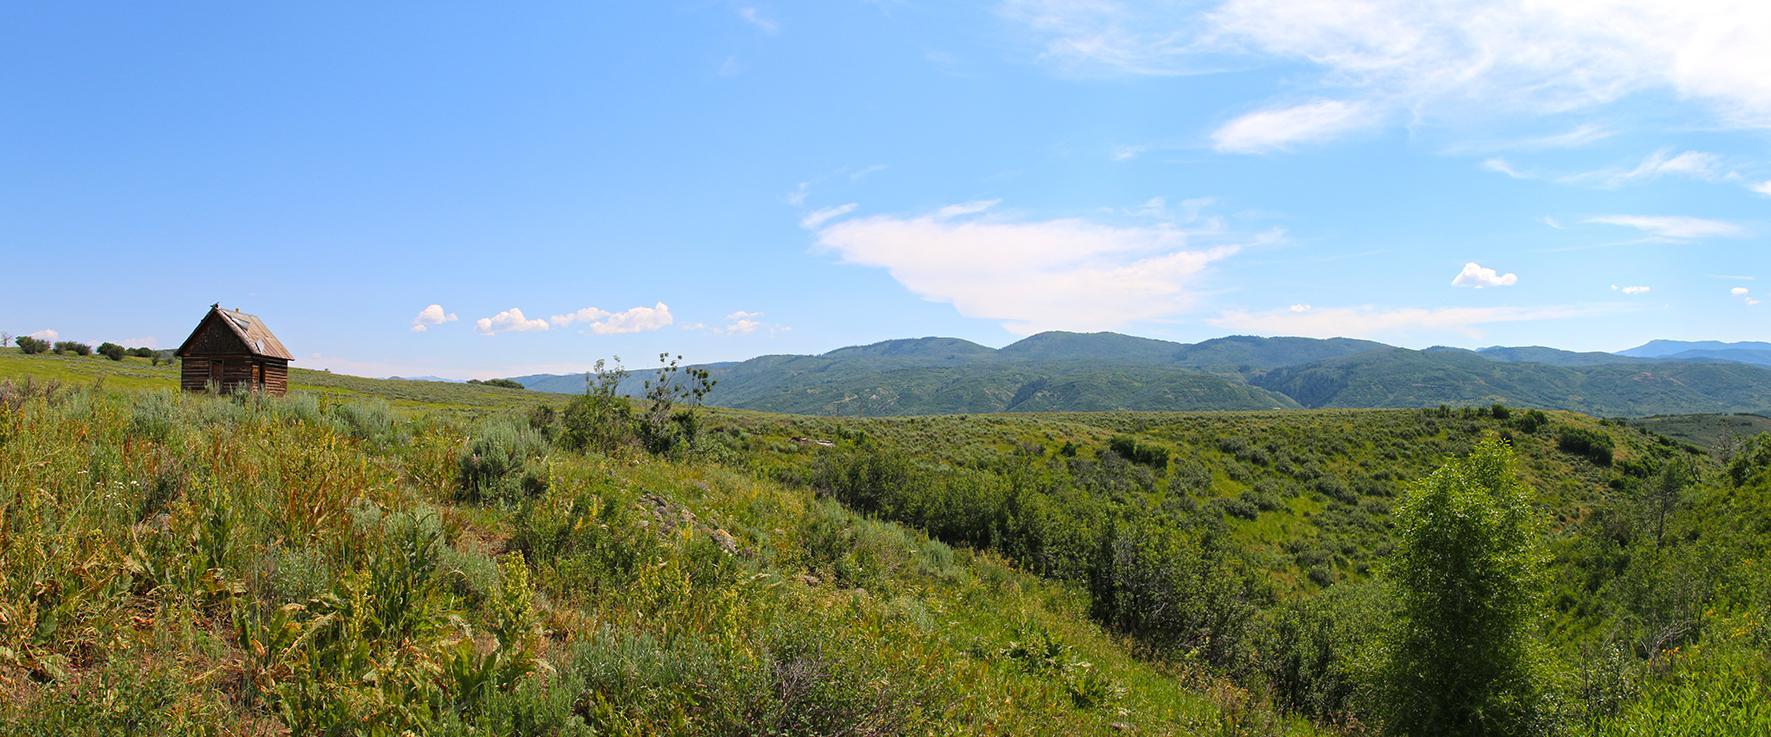 Property For Sale at 628.93 Acre Elk River Parcel